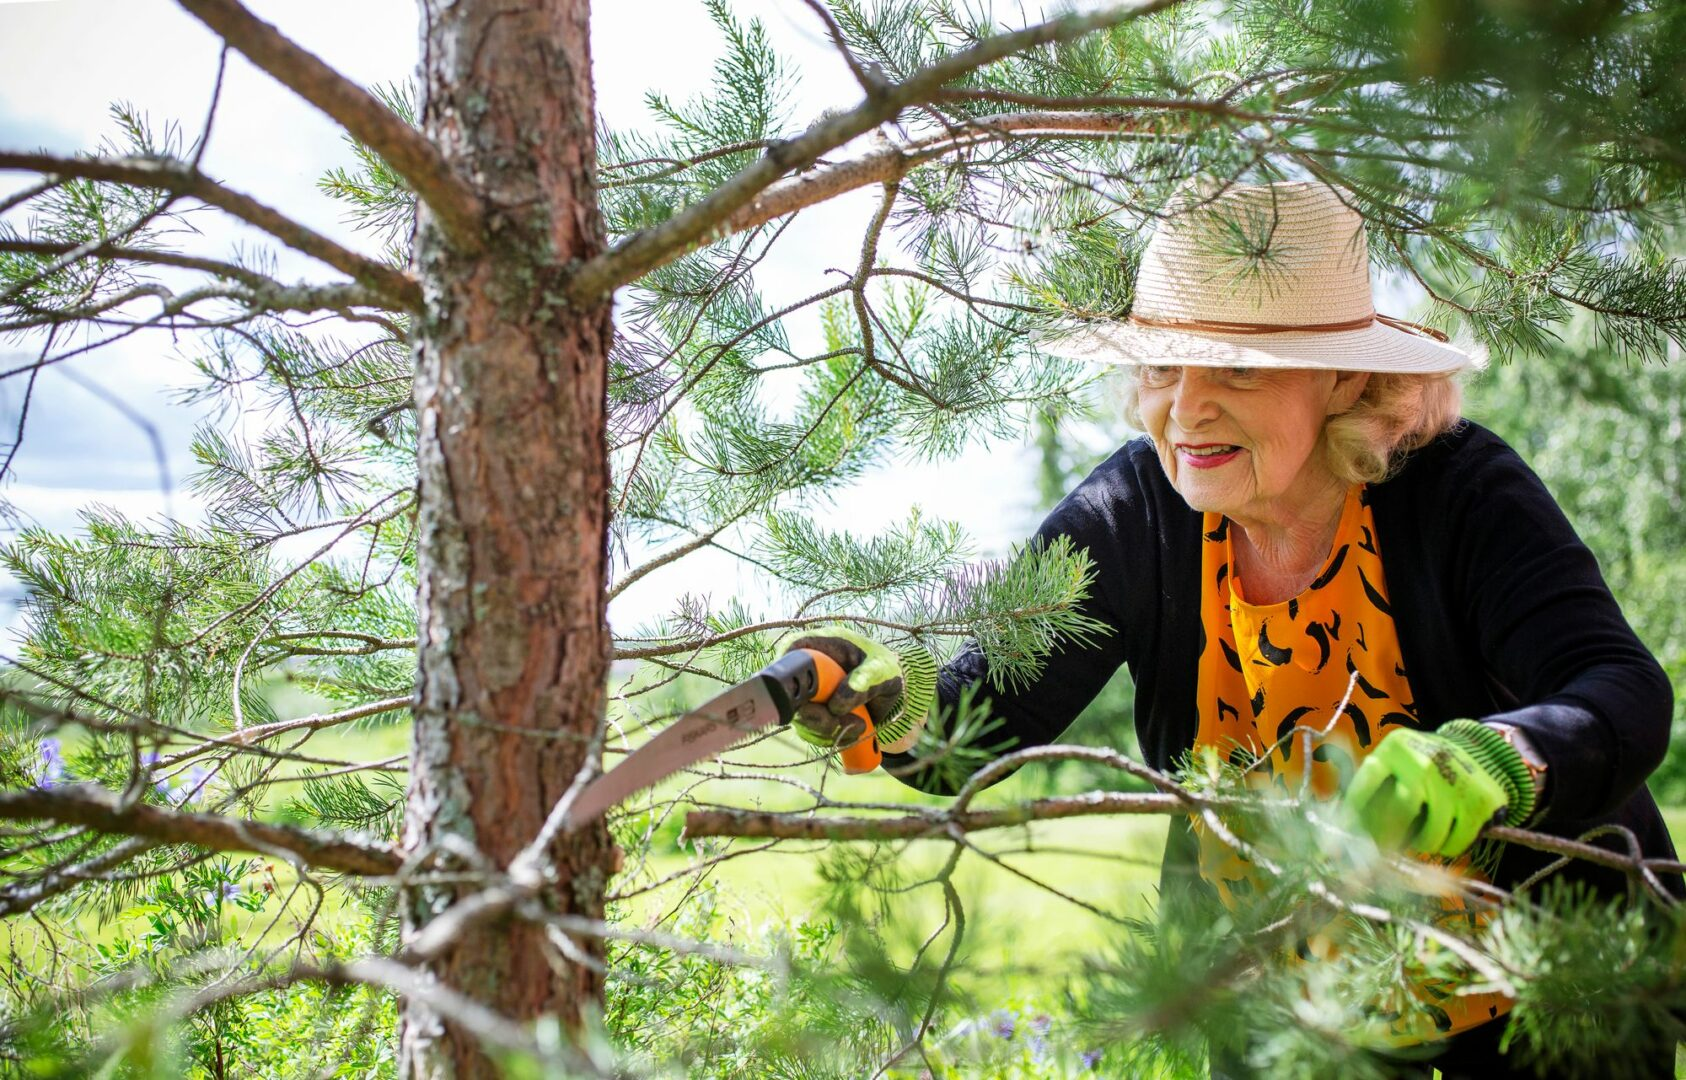 Pihatöiden tekeminen on Pirjolle terapiaa. Kun niiden aika keväällä koittaa, kirjoittaminenkin vähenee.  © Tiiu Kaitalo